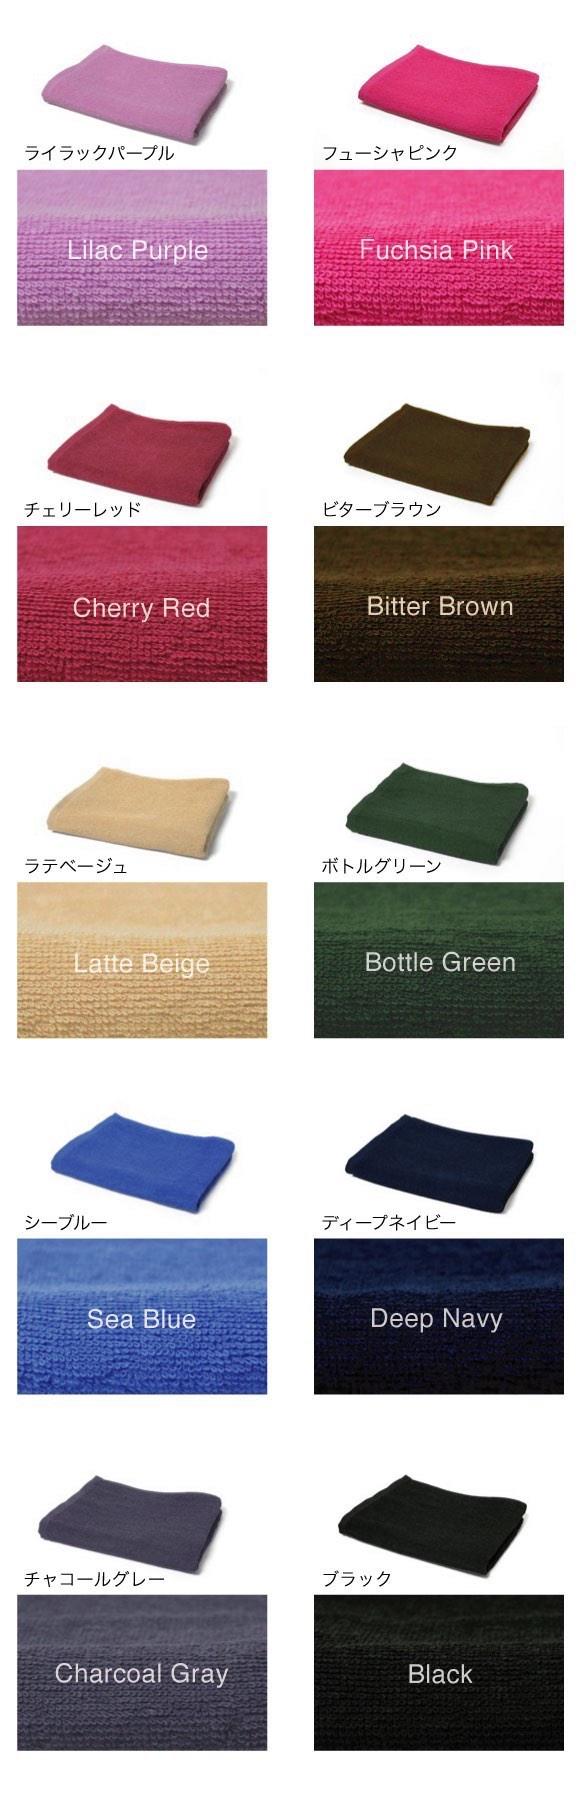 10 color